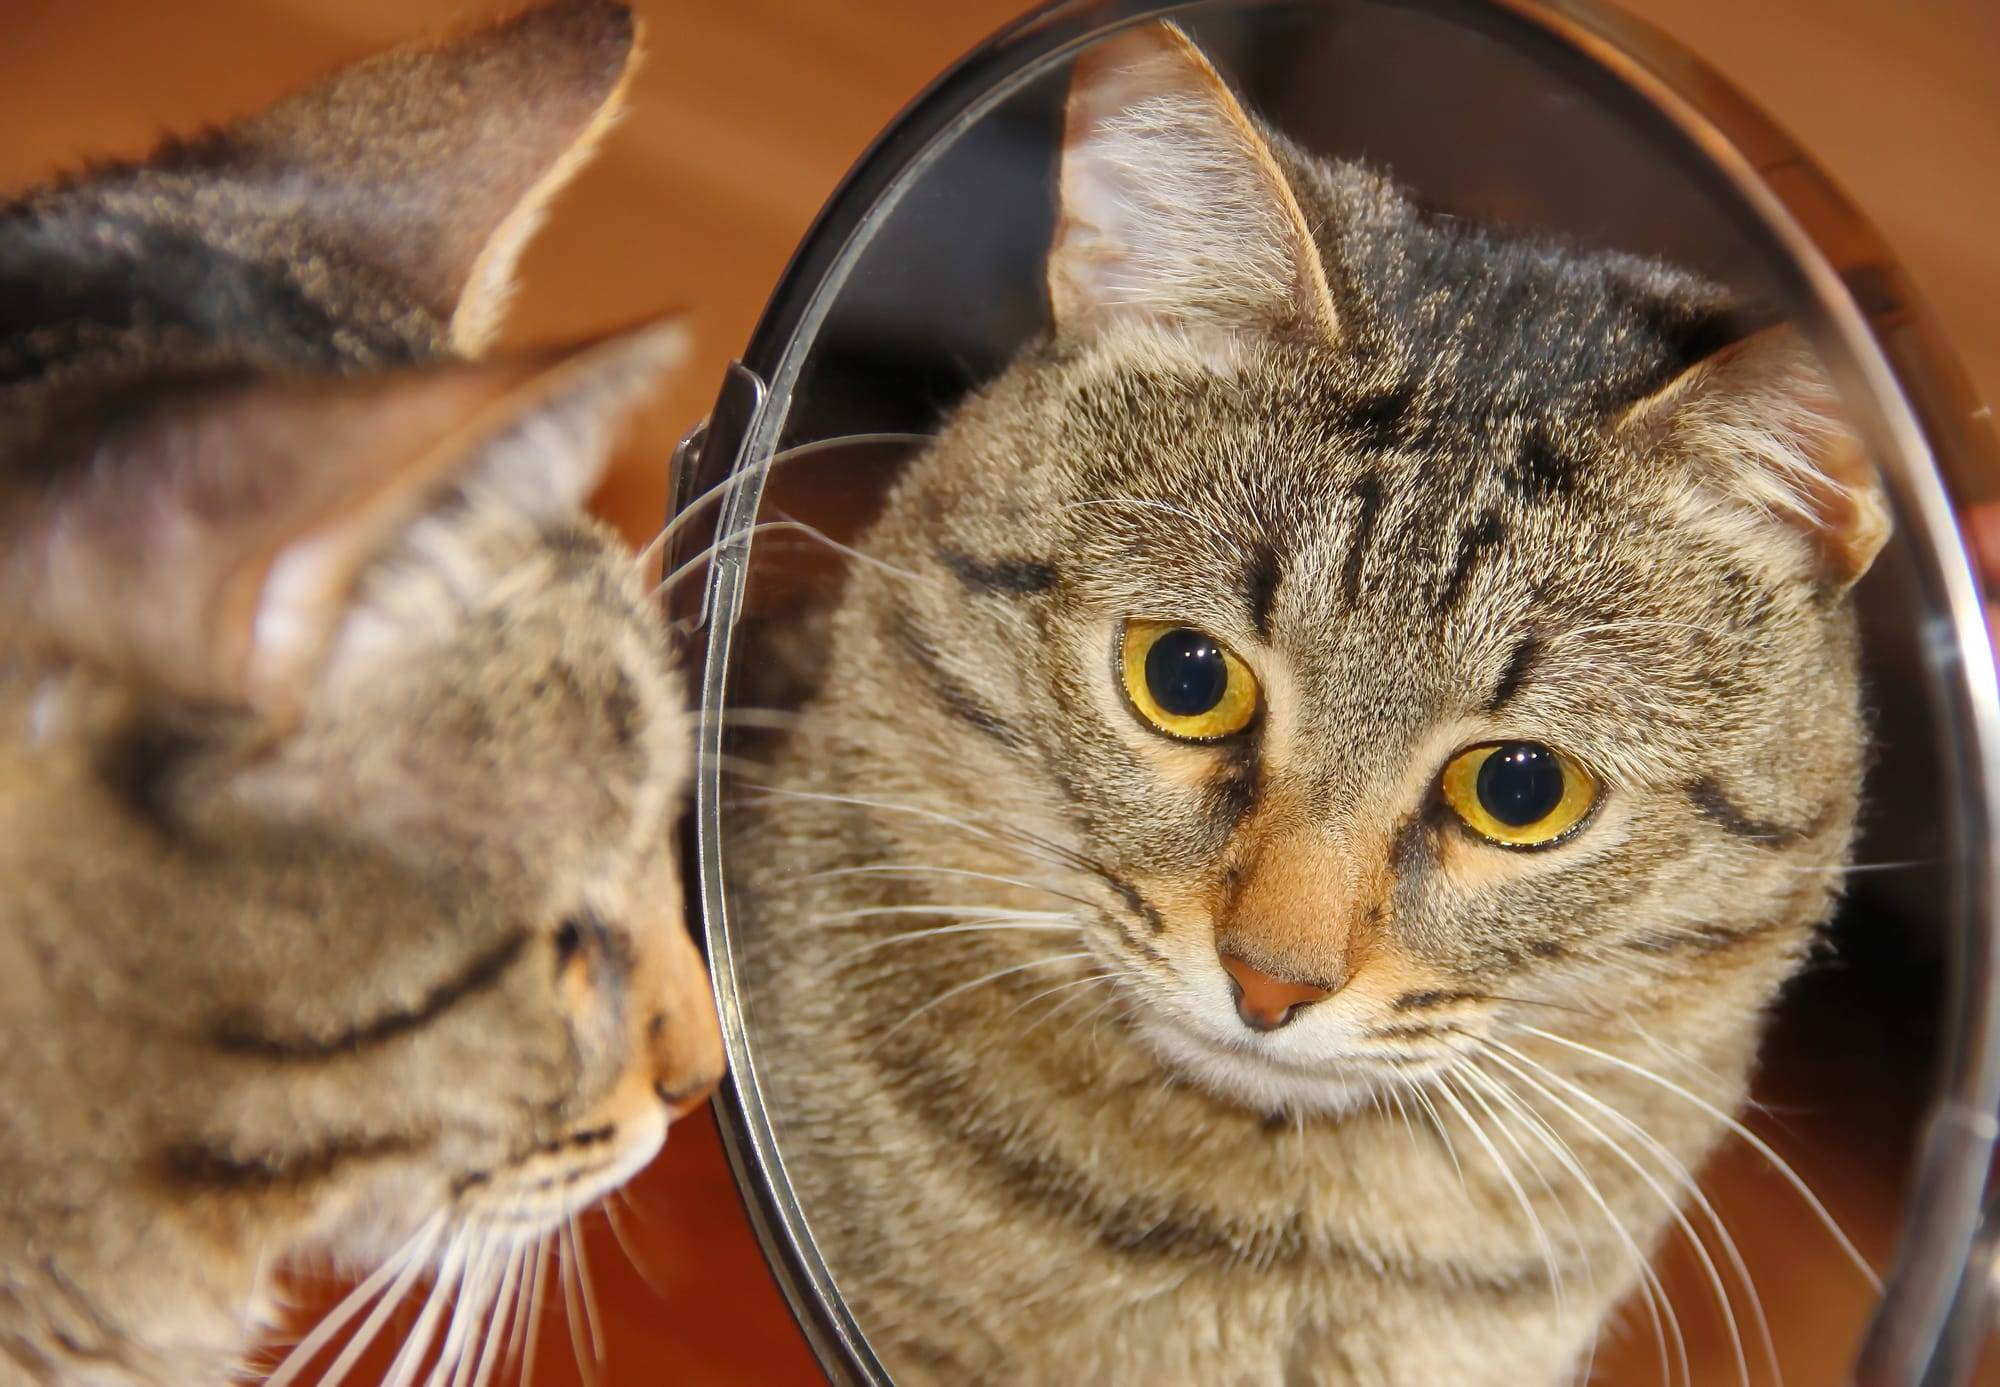 Почему кошки не видят себя в зеркале? видят ли кошки себя в зеркале почему кот смотрится в зеркало - новая медицина